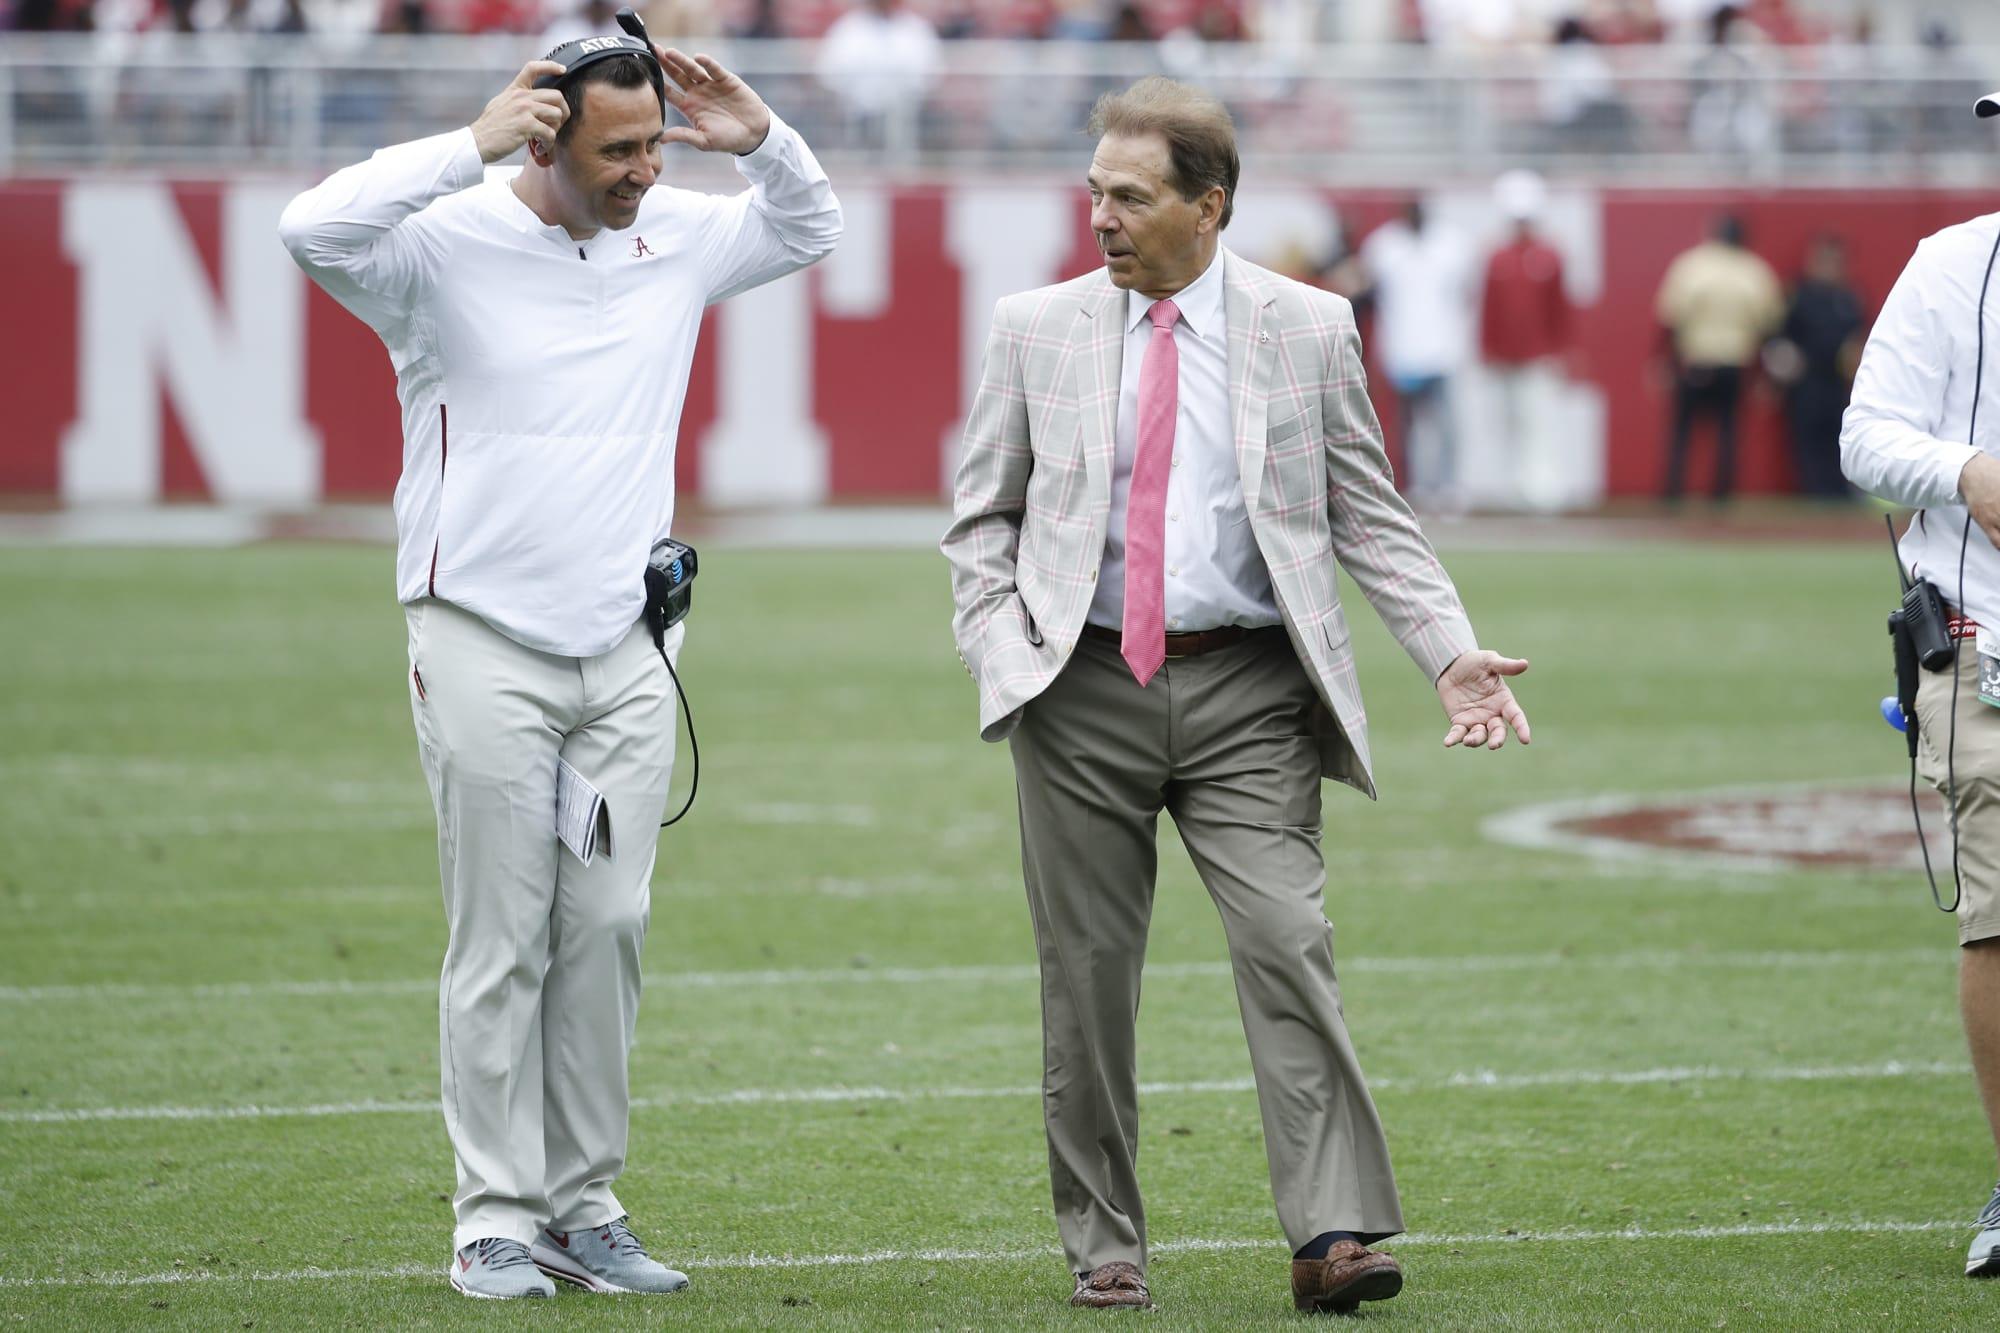 Alabama Football: Steve Sarkisian deserves every cent of new salary